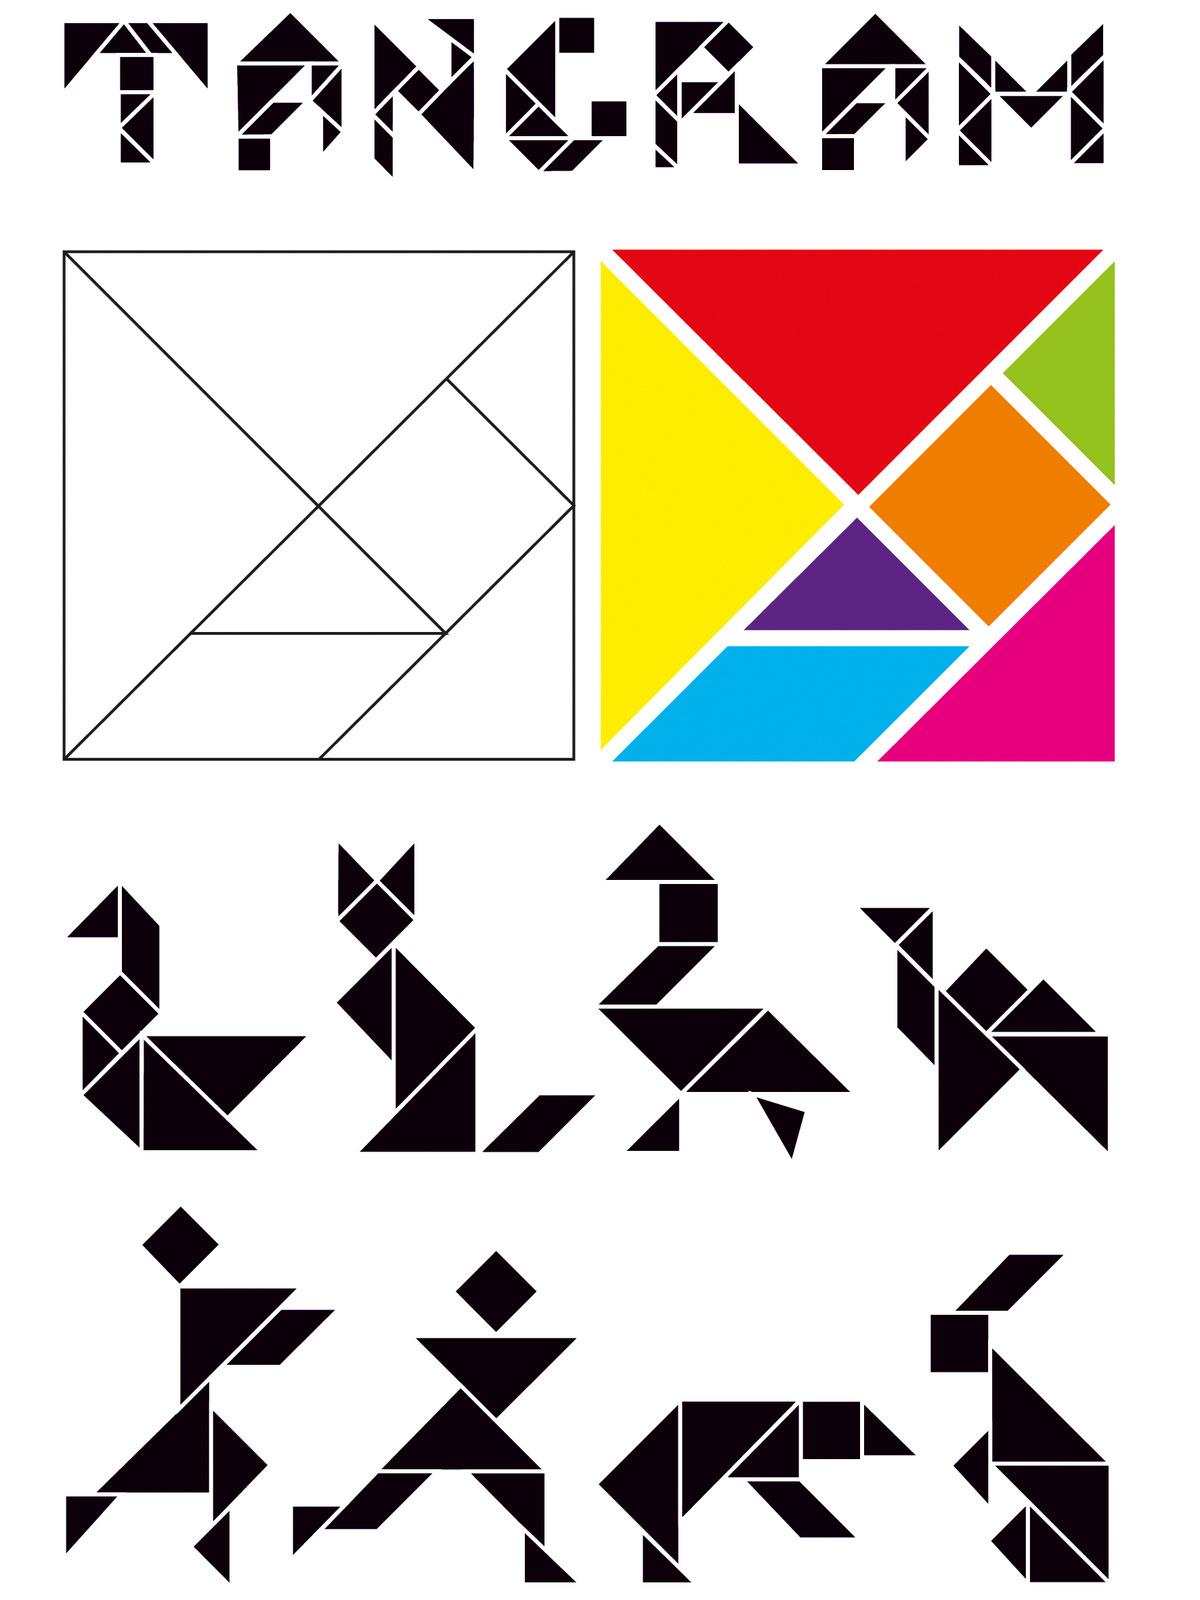 Des Idées D'utilisation Des Tangram - Les Folles Colos avec Dessin Tangram